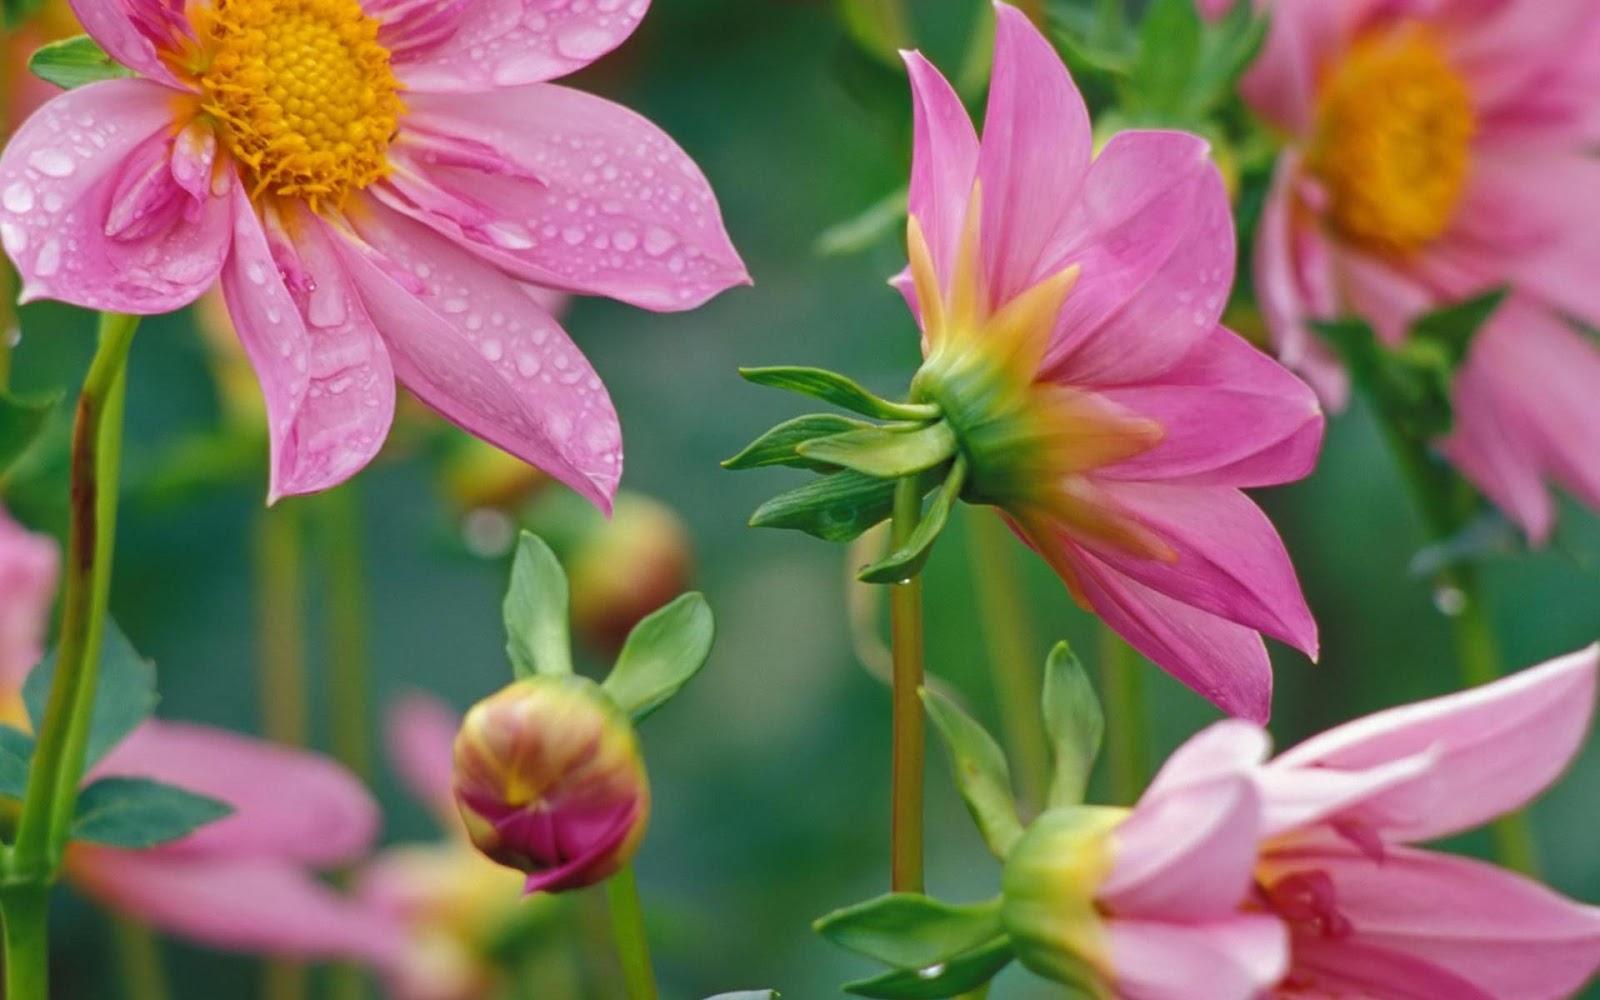 flowers for flower lovers Desktop Beautiful Flowers HD Wallpapers 1600x1000